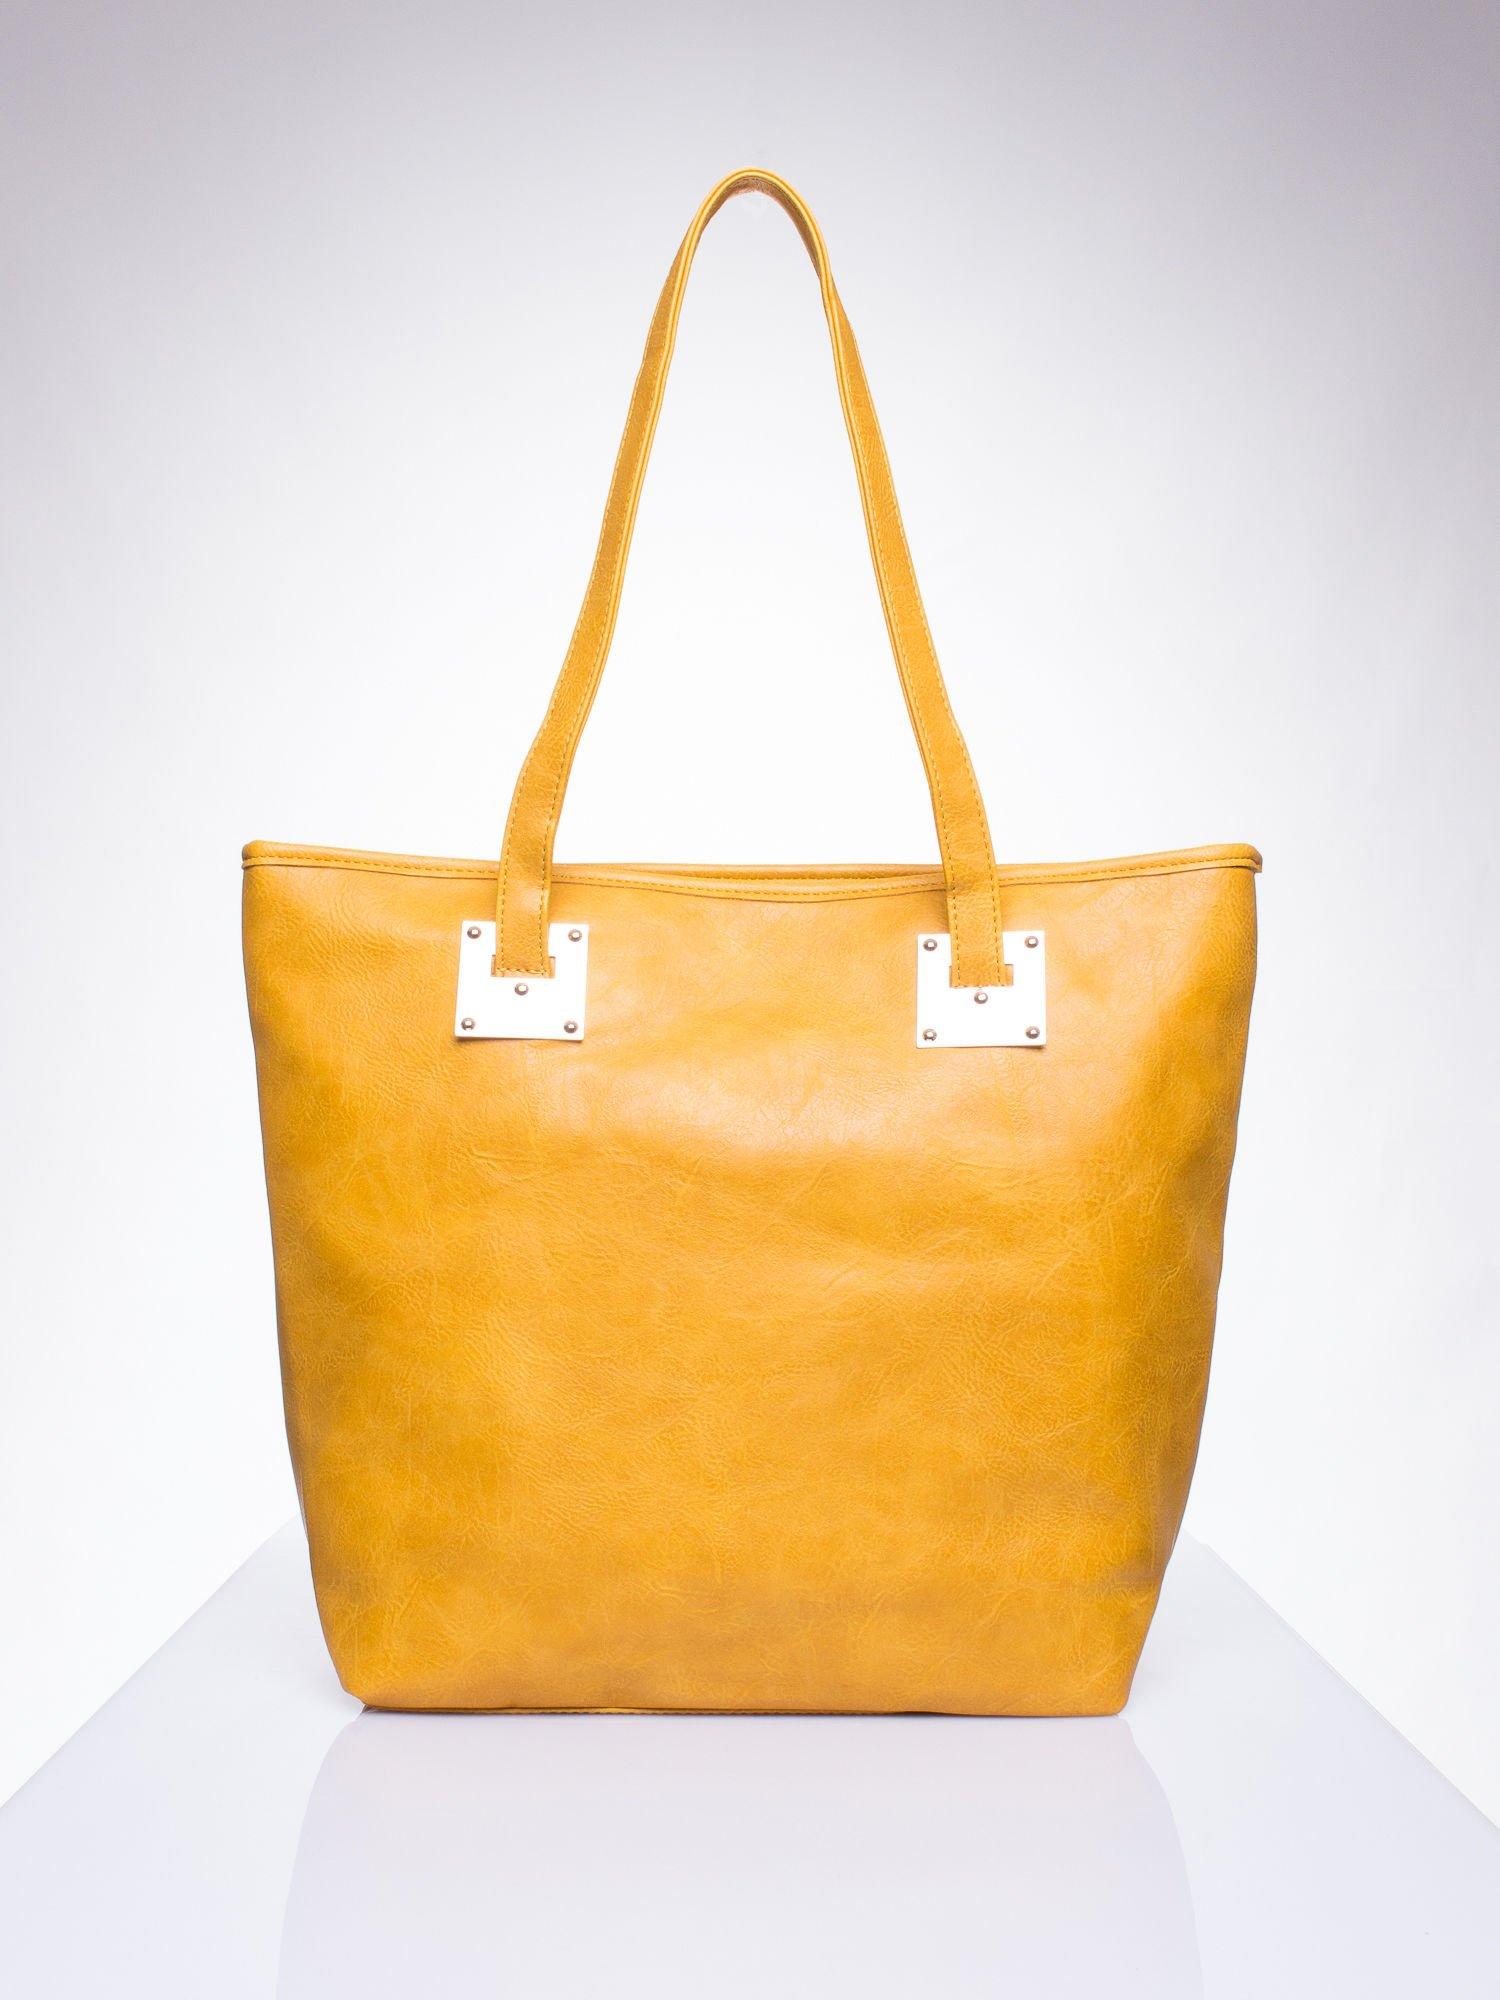 fcc40dd4ed23a Karmelowa prosta torba shopper bag ze złotymi okuciami - Akcesoria ...